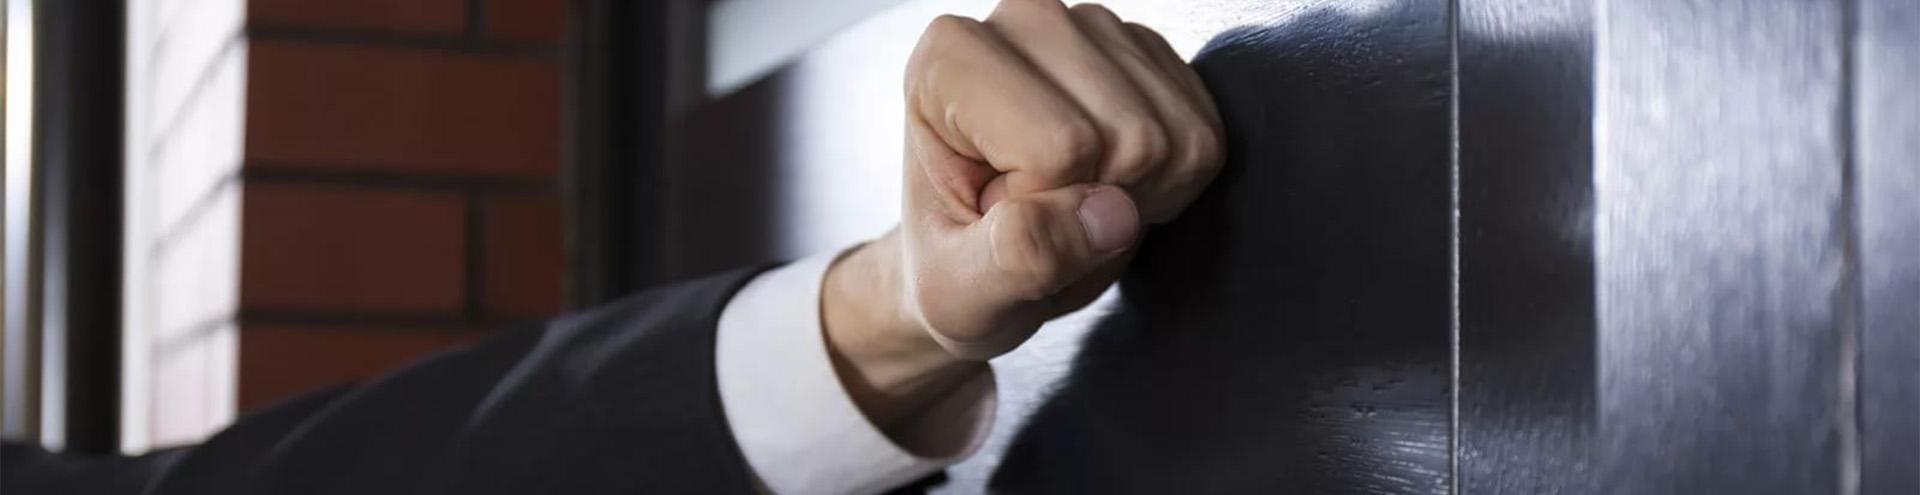 защита заемщика от коллекторов в Чебоксарах и Чувашской Республике